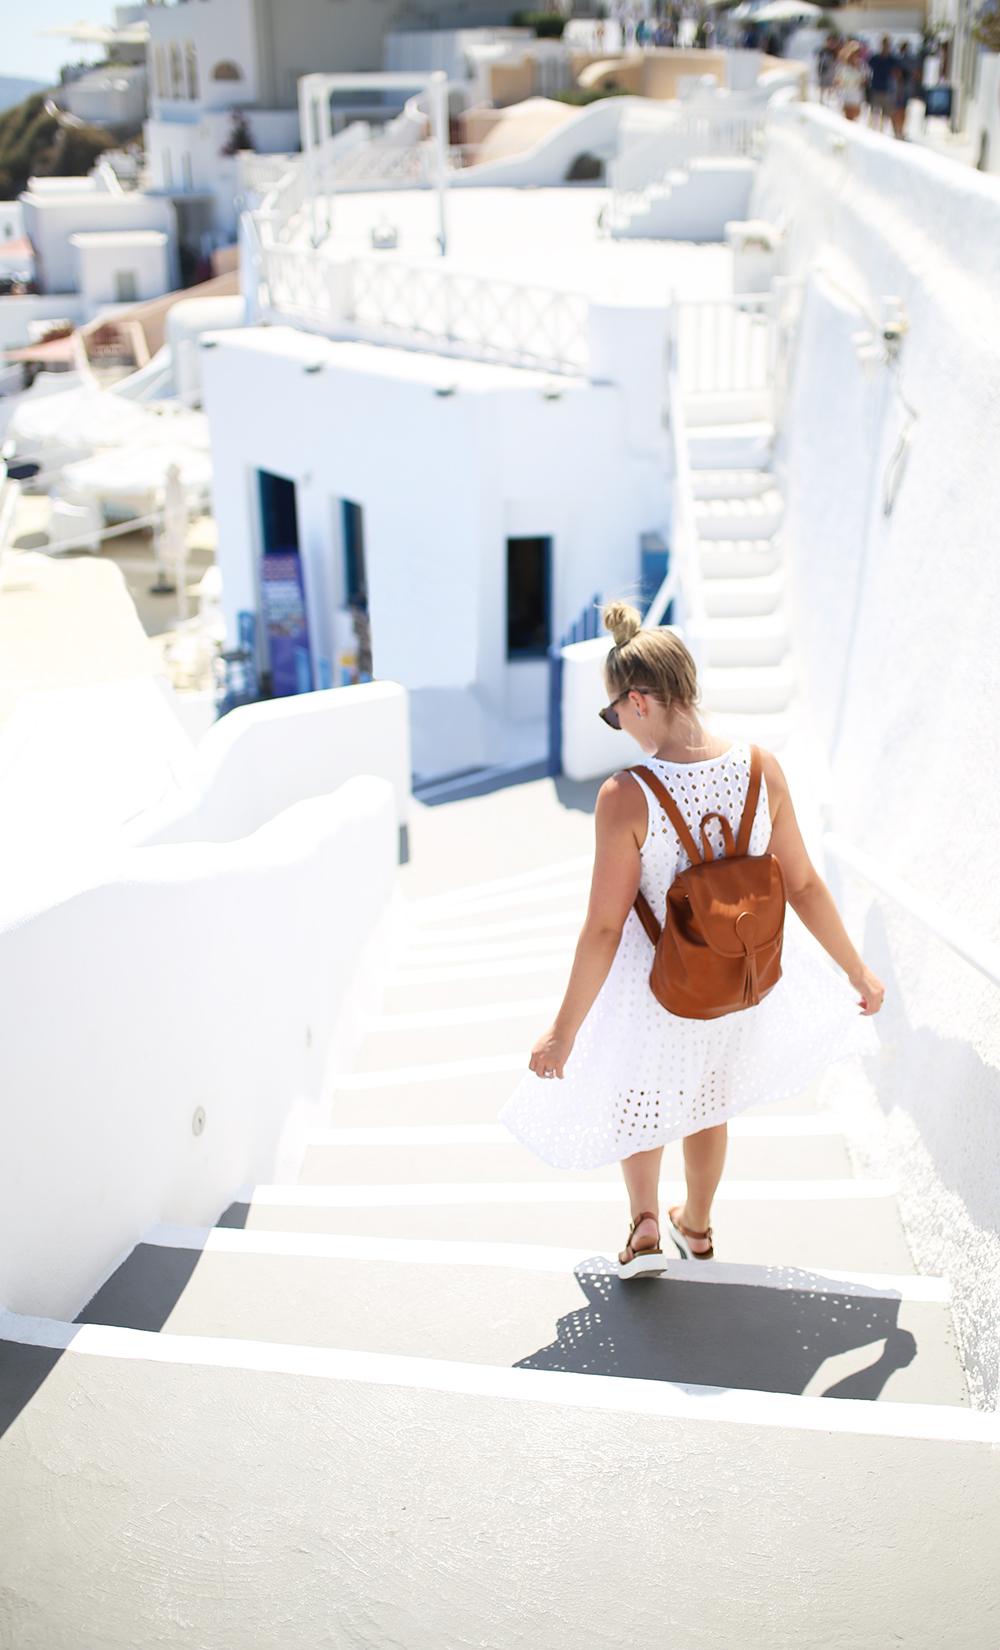 White Eyelet Dress in Santorini